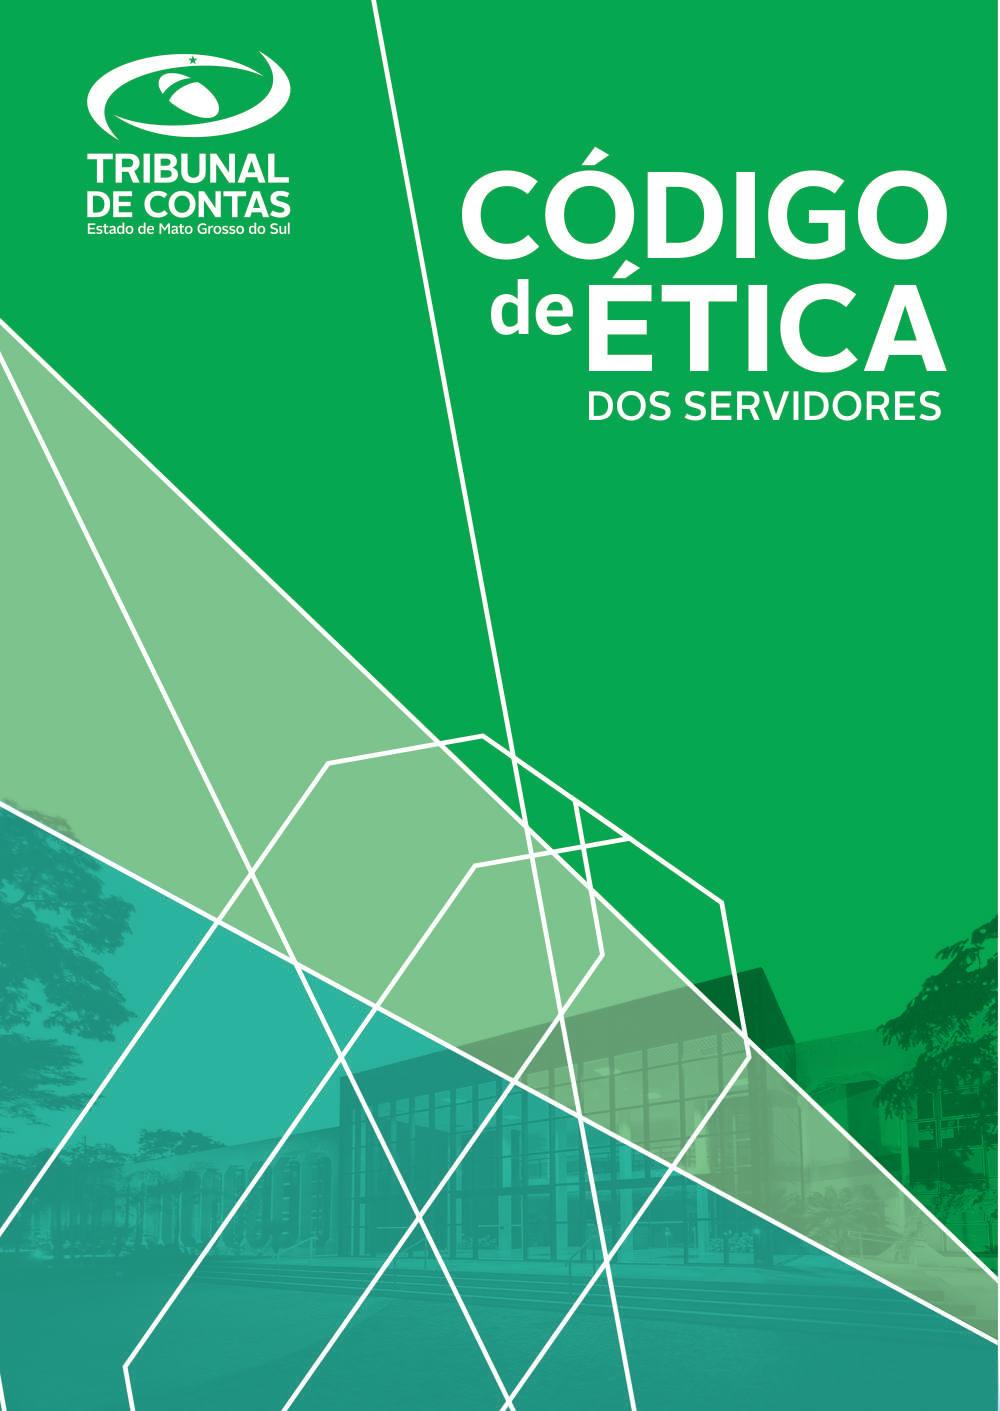 Código de Ética dos Servidores